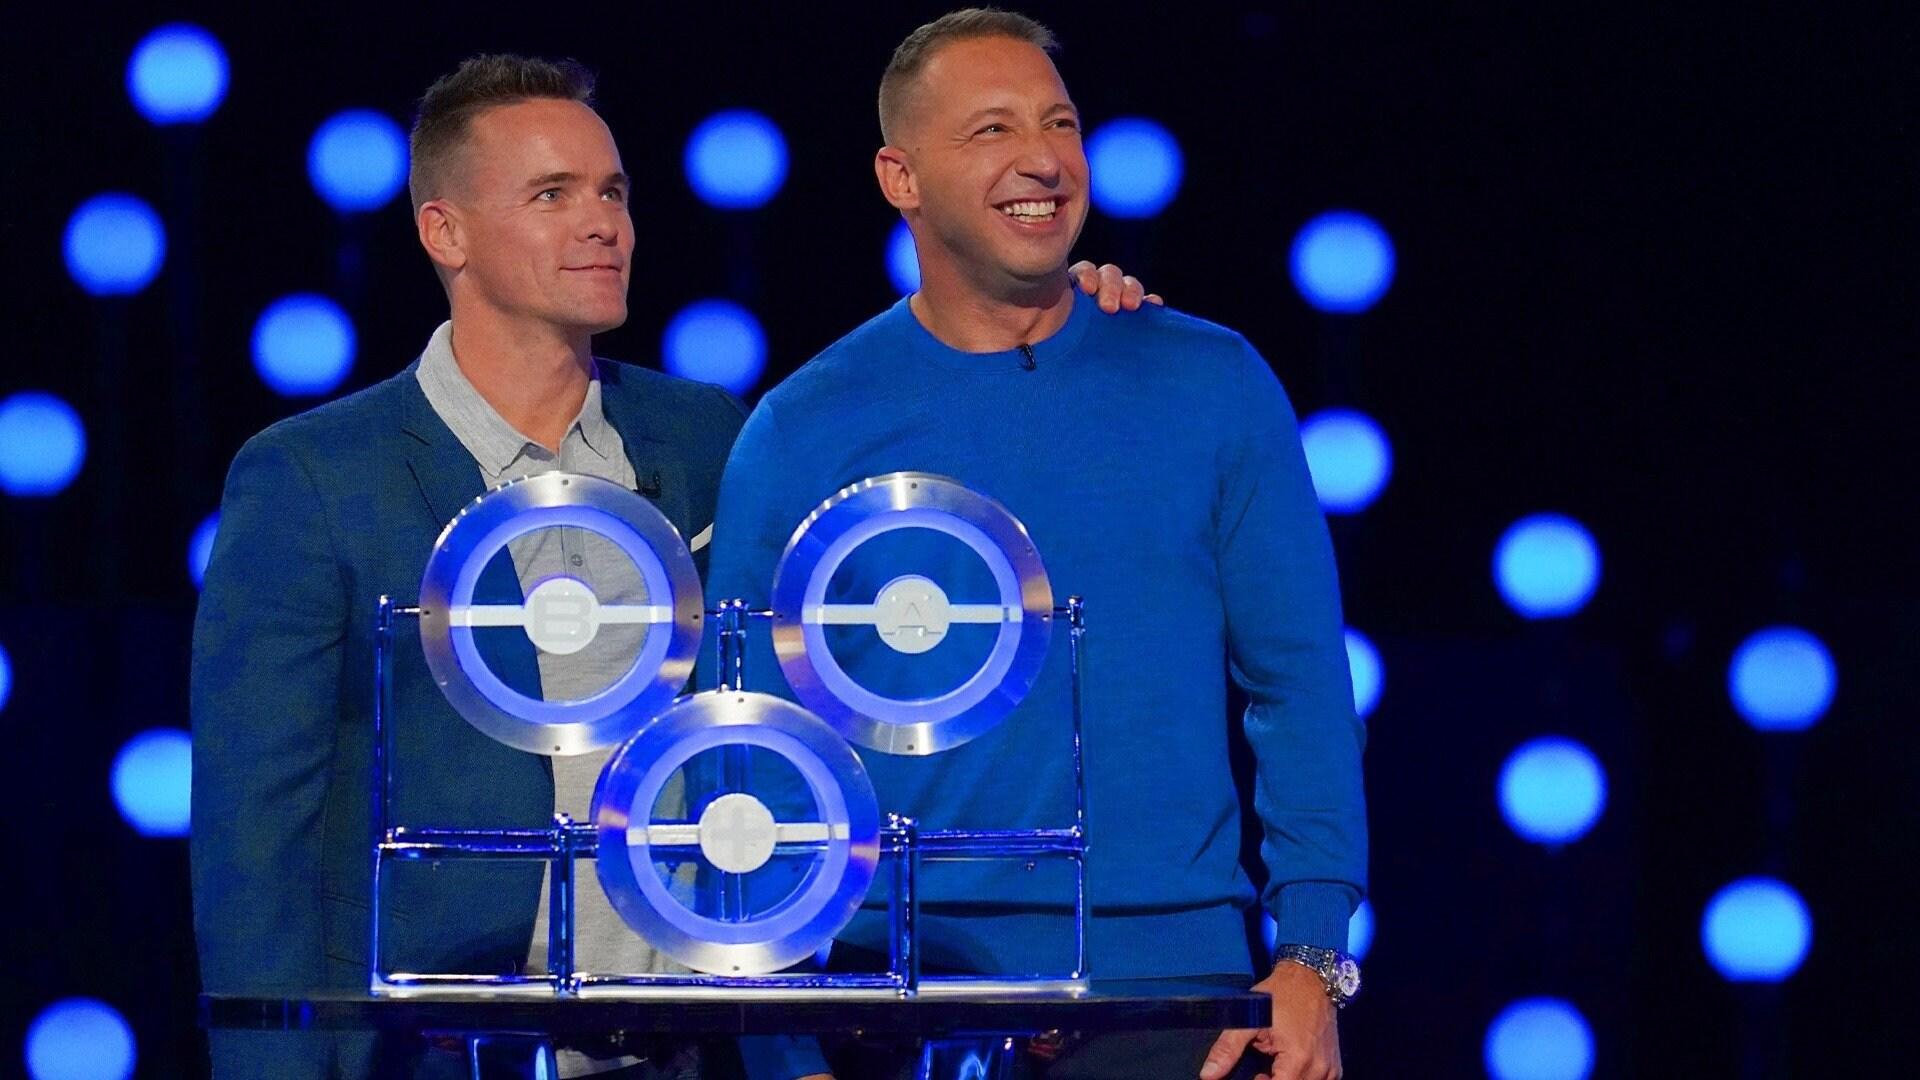 Jason and Jay